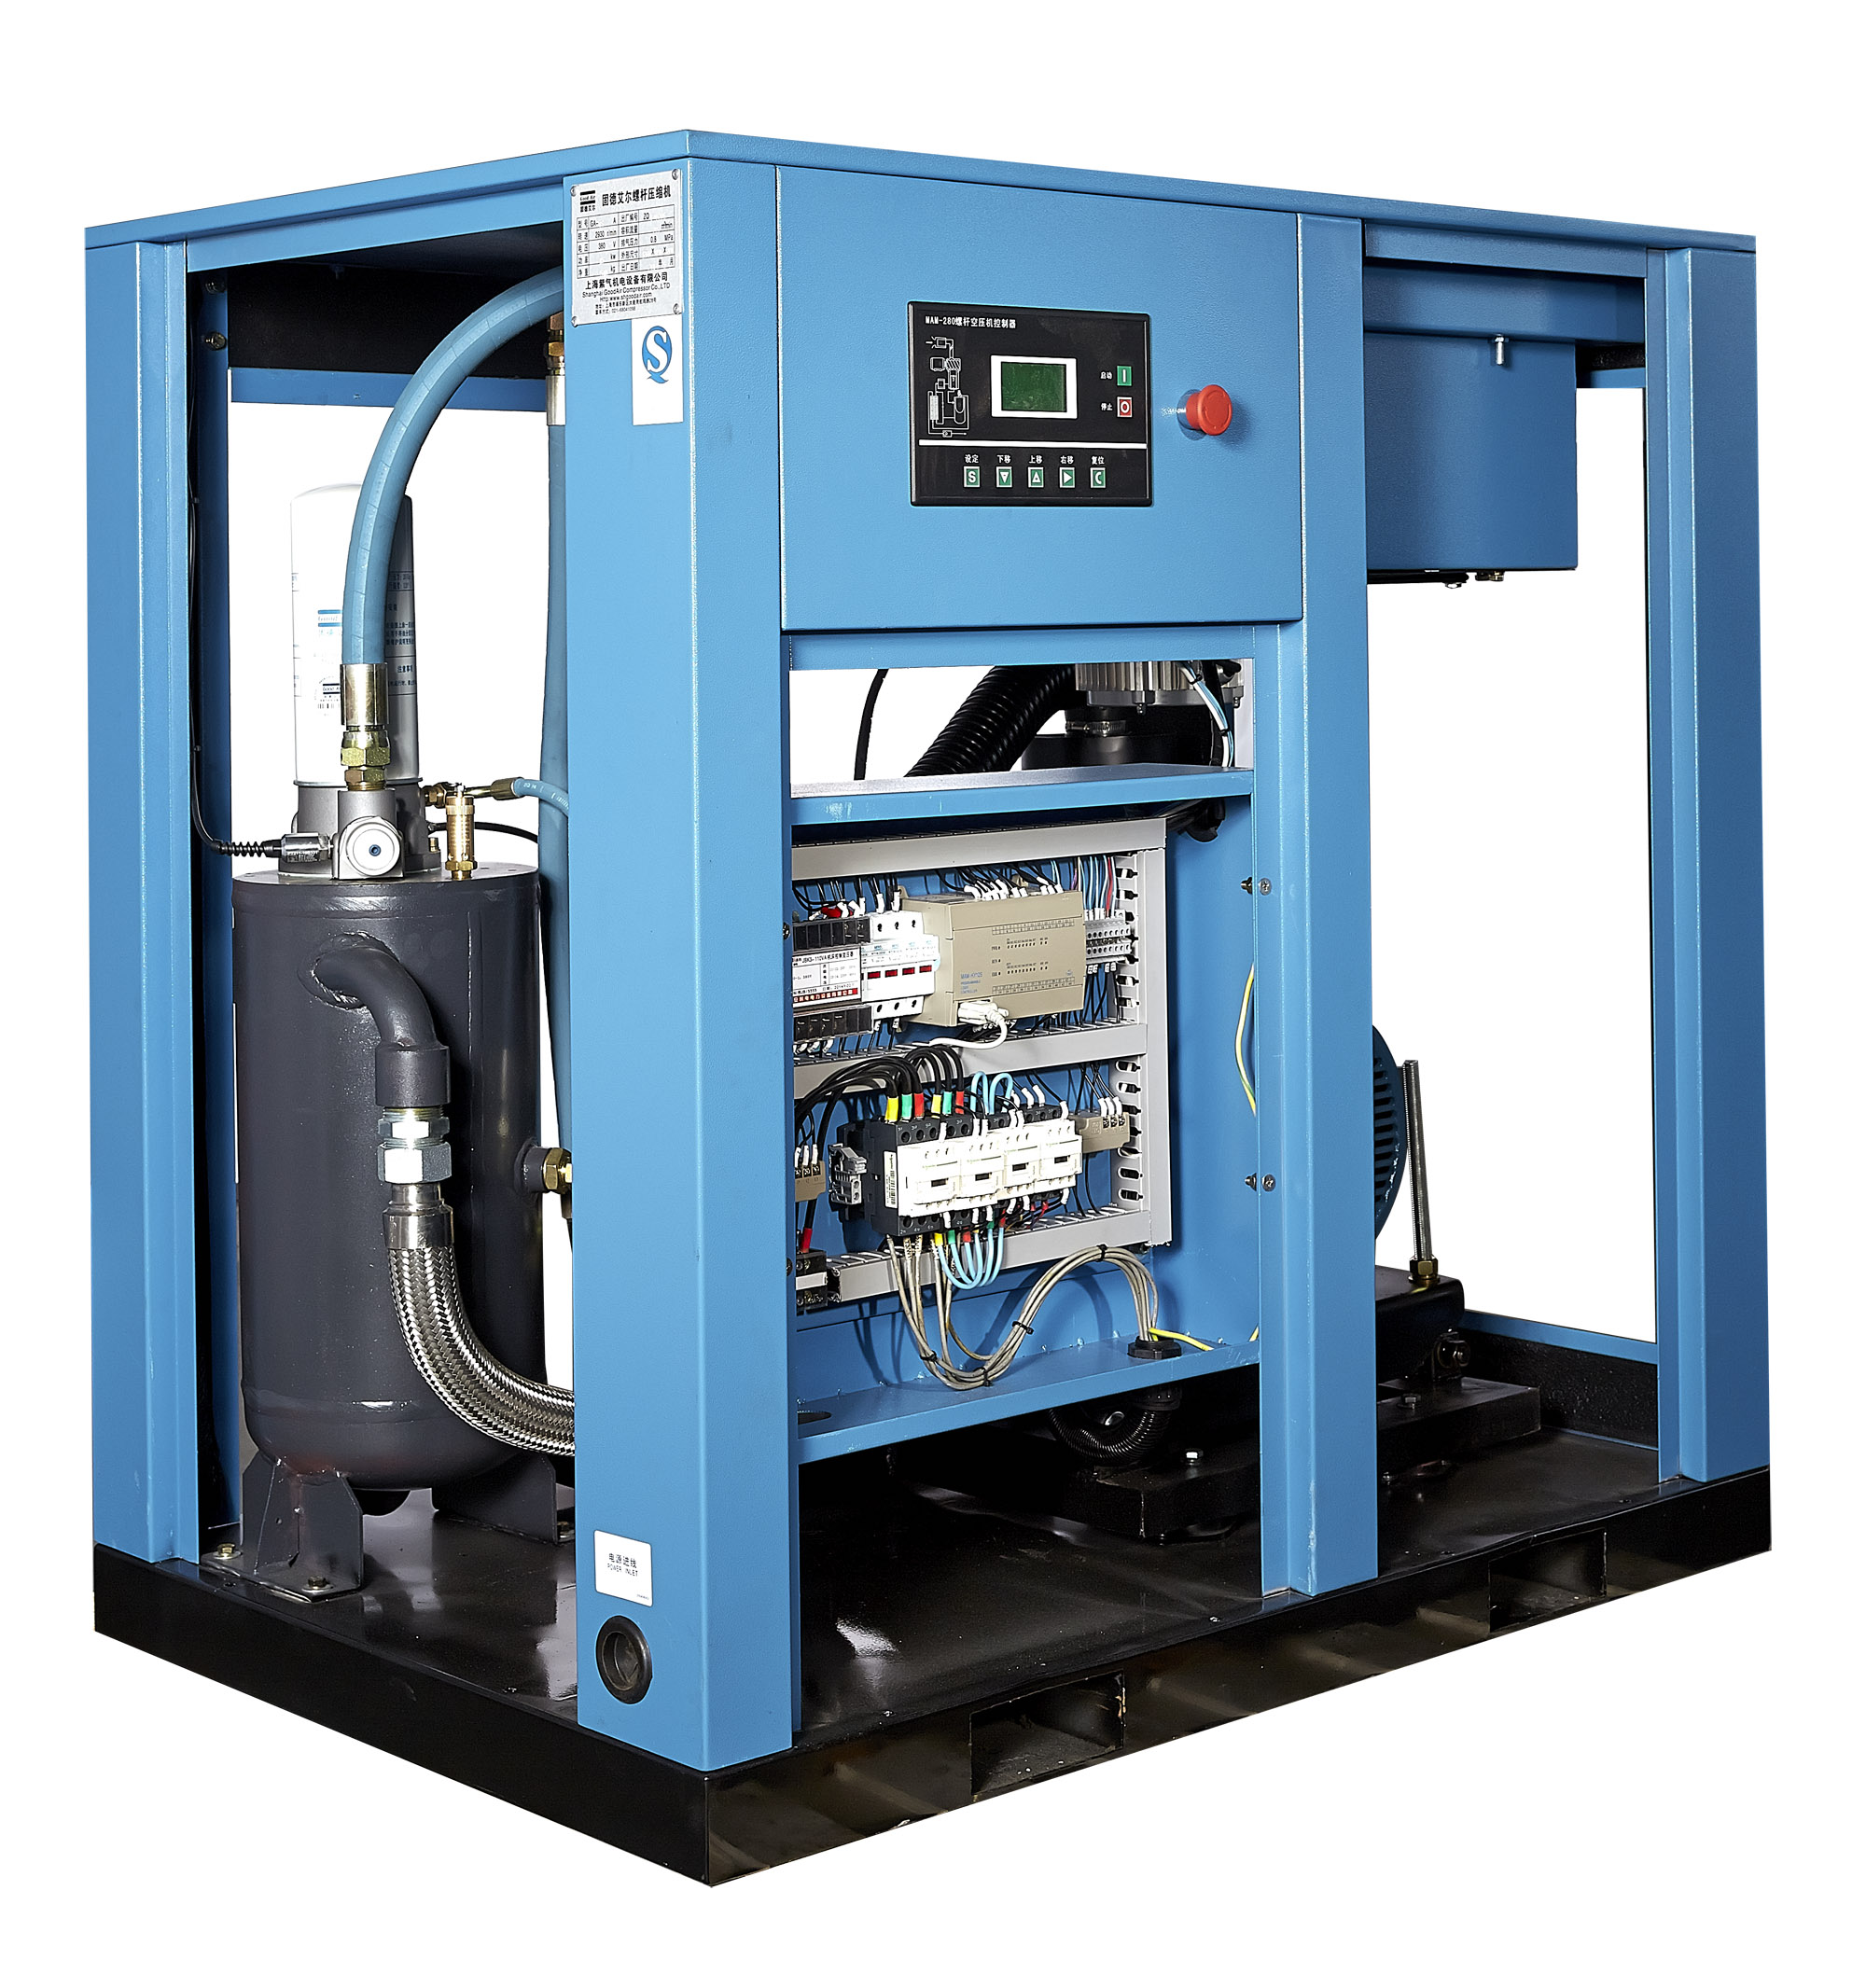 空压机的标示方法和技术参数